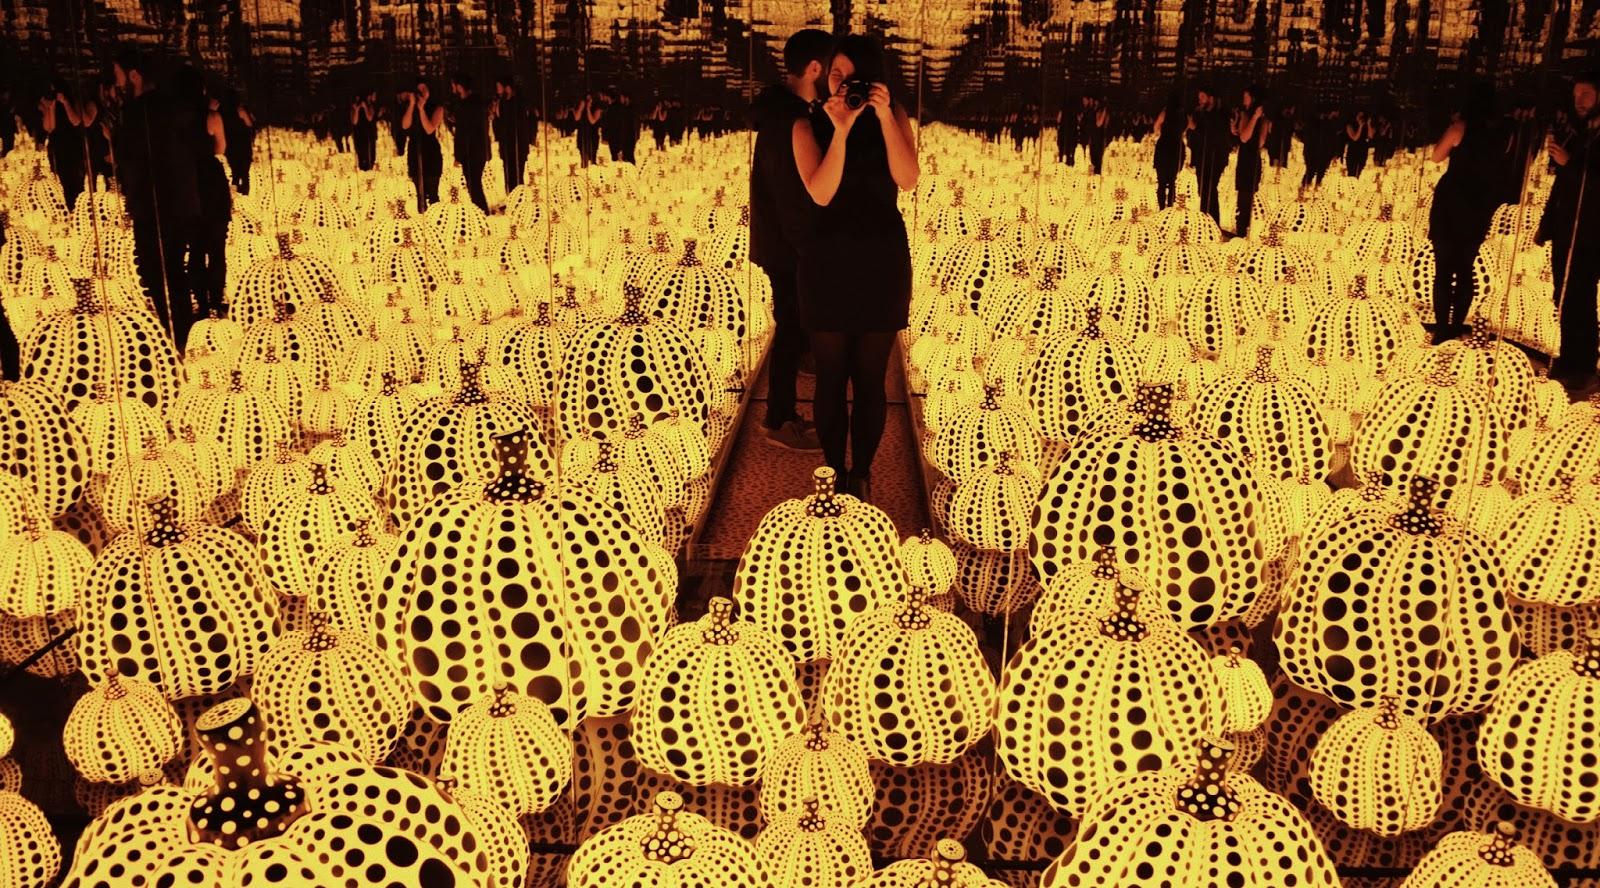 In a field of pumpkins Yayoi Kusama